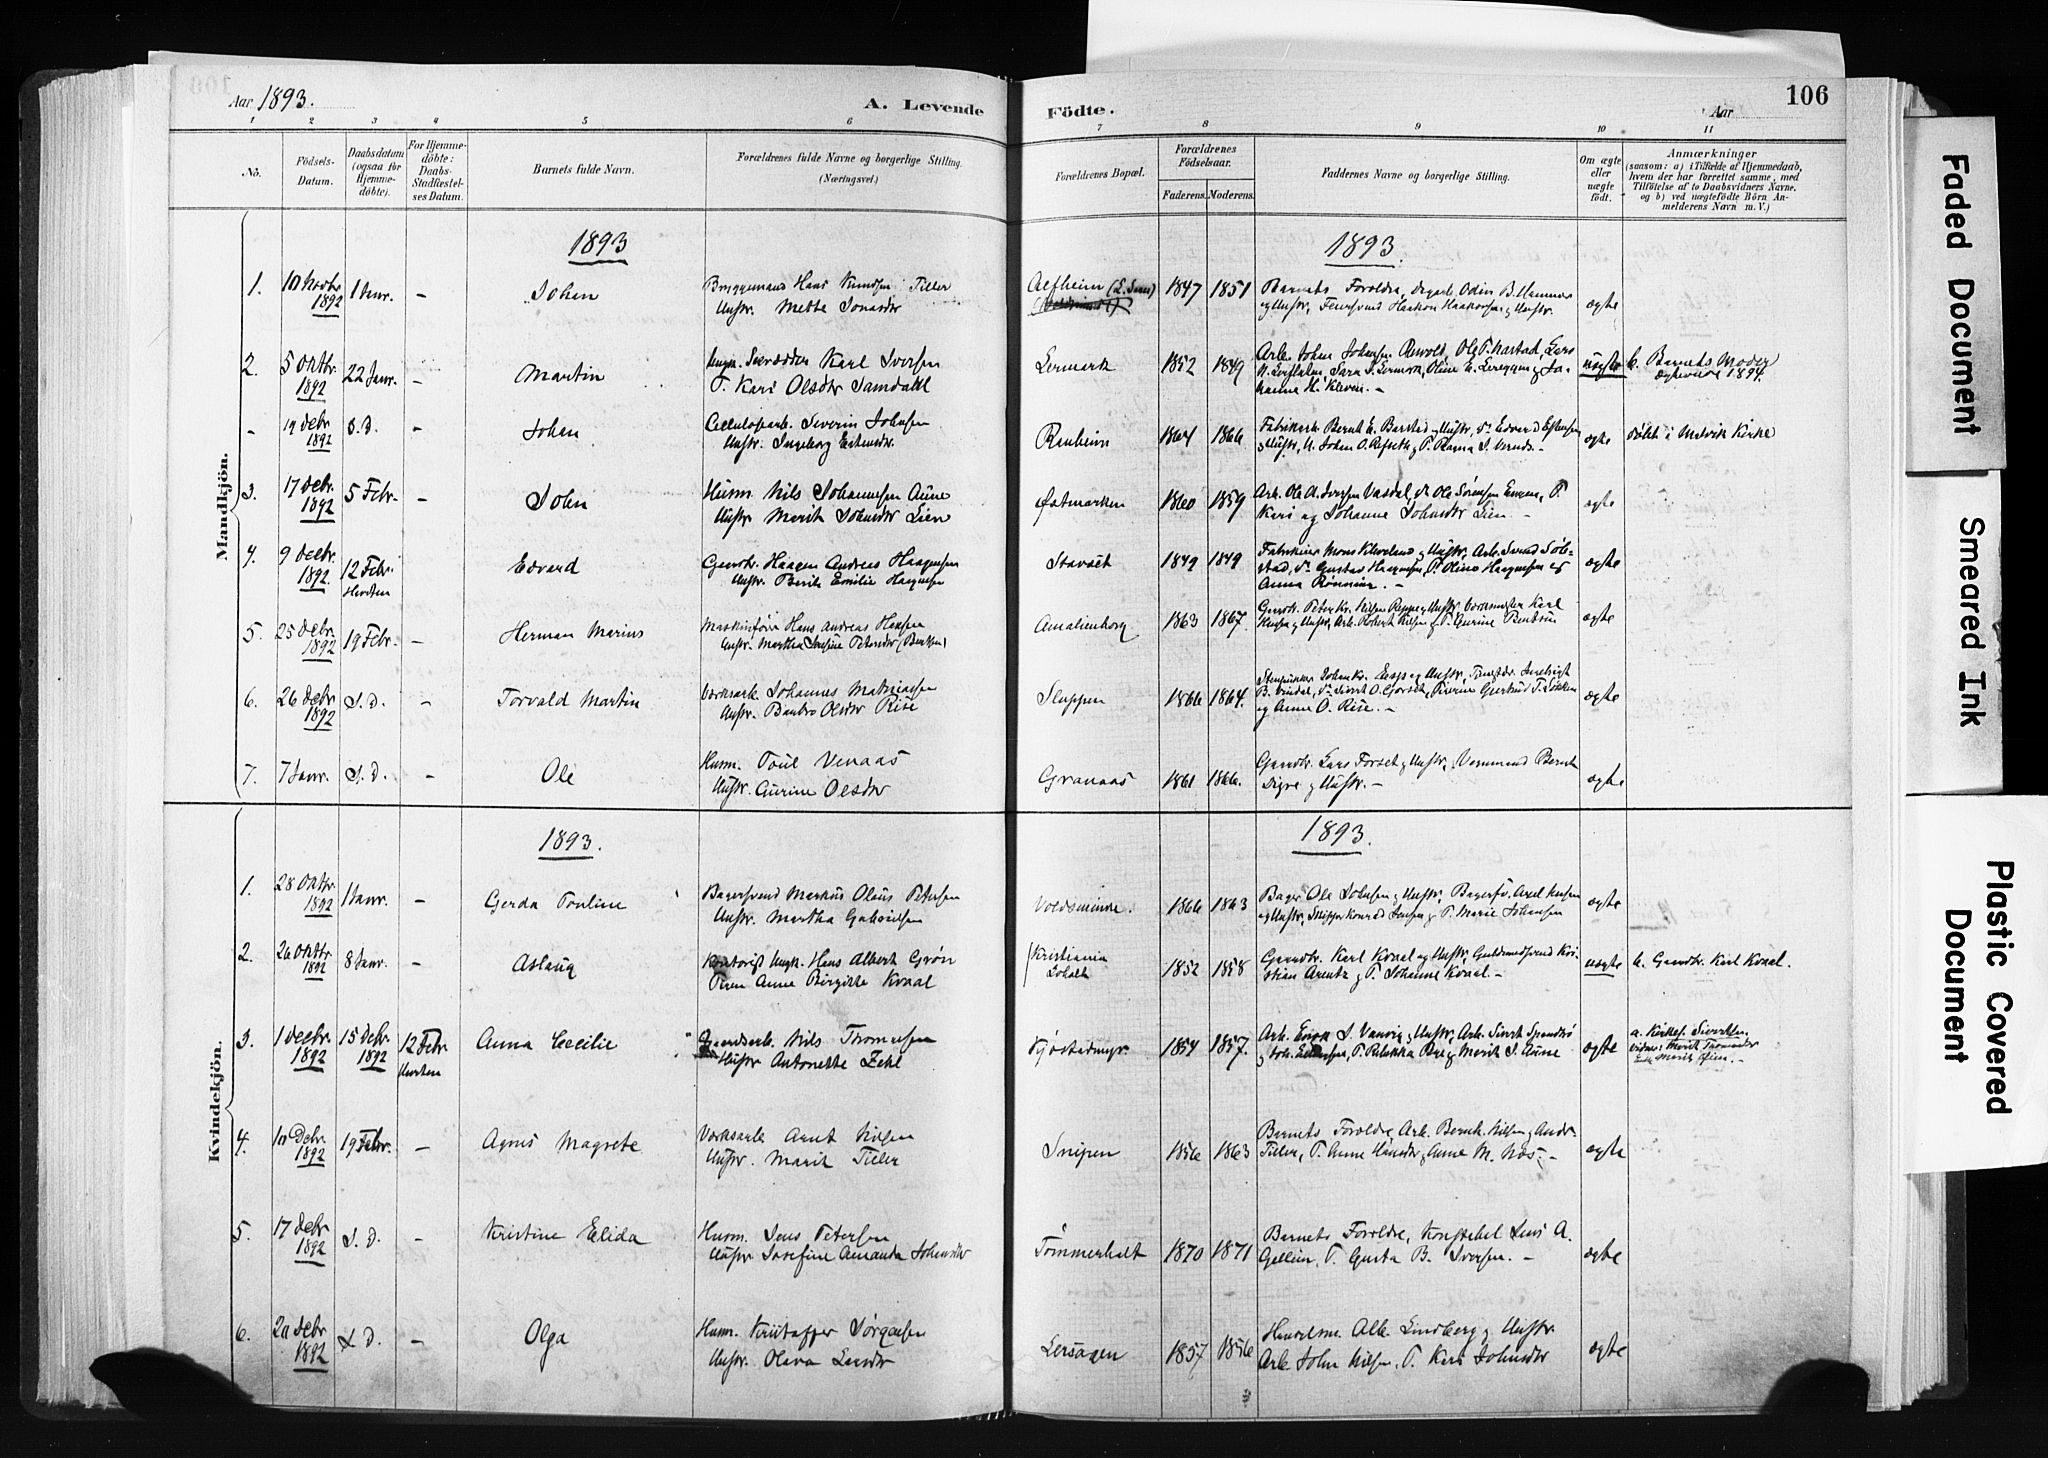 SAT, Ministerialprotokoller, klokkerbøker og fødselsregistre - Sør-Trøndelag, 606/L0300: Ministerialbok nr. 606A15, 1886-1893, s. 106